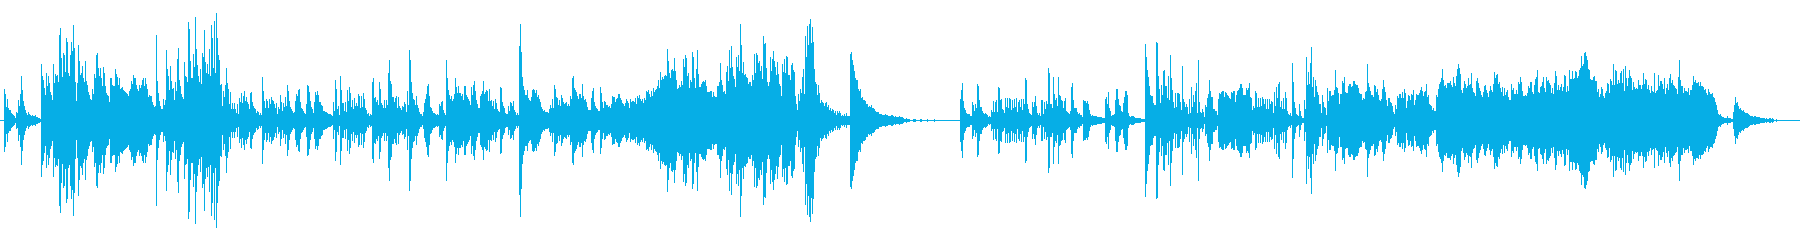 クラシカルでメロディアスなピアノサウンドの再生済みの波形